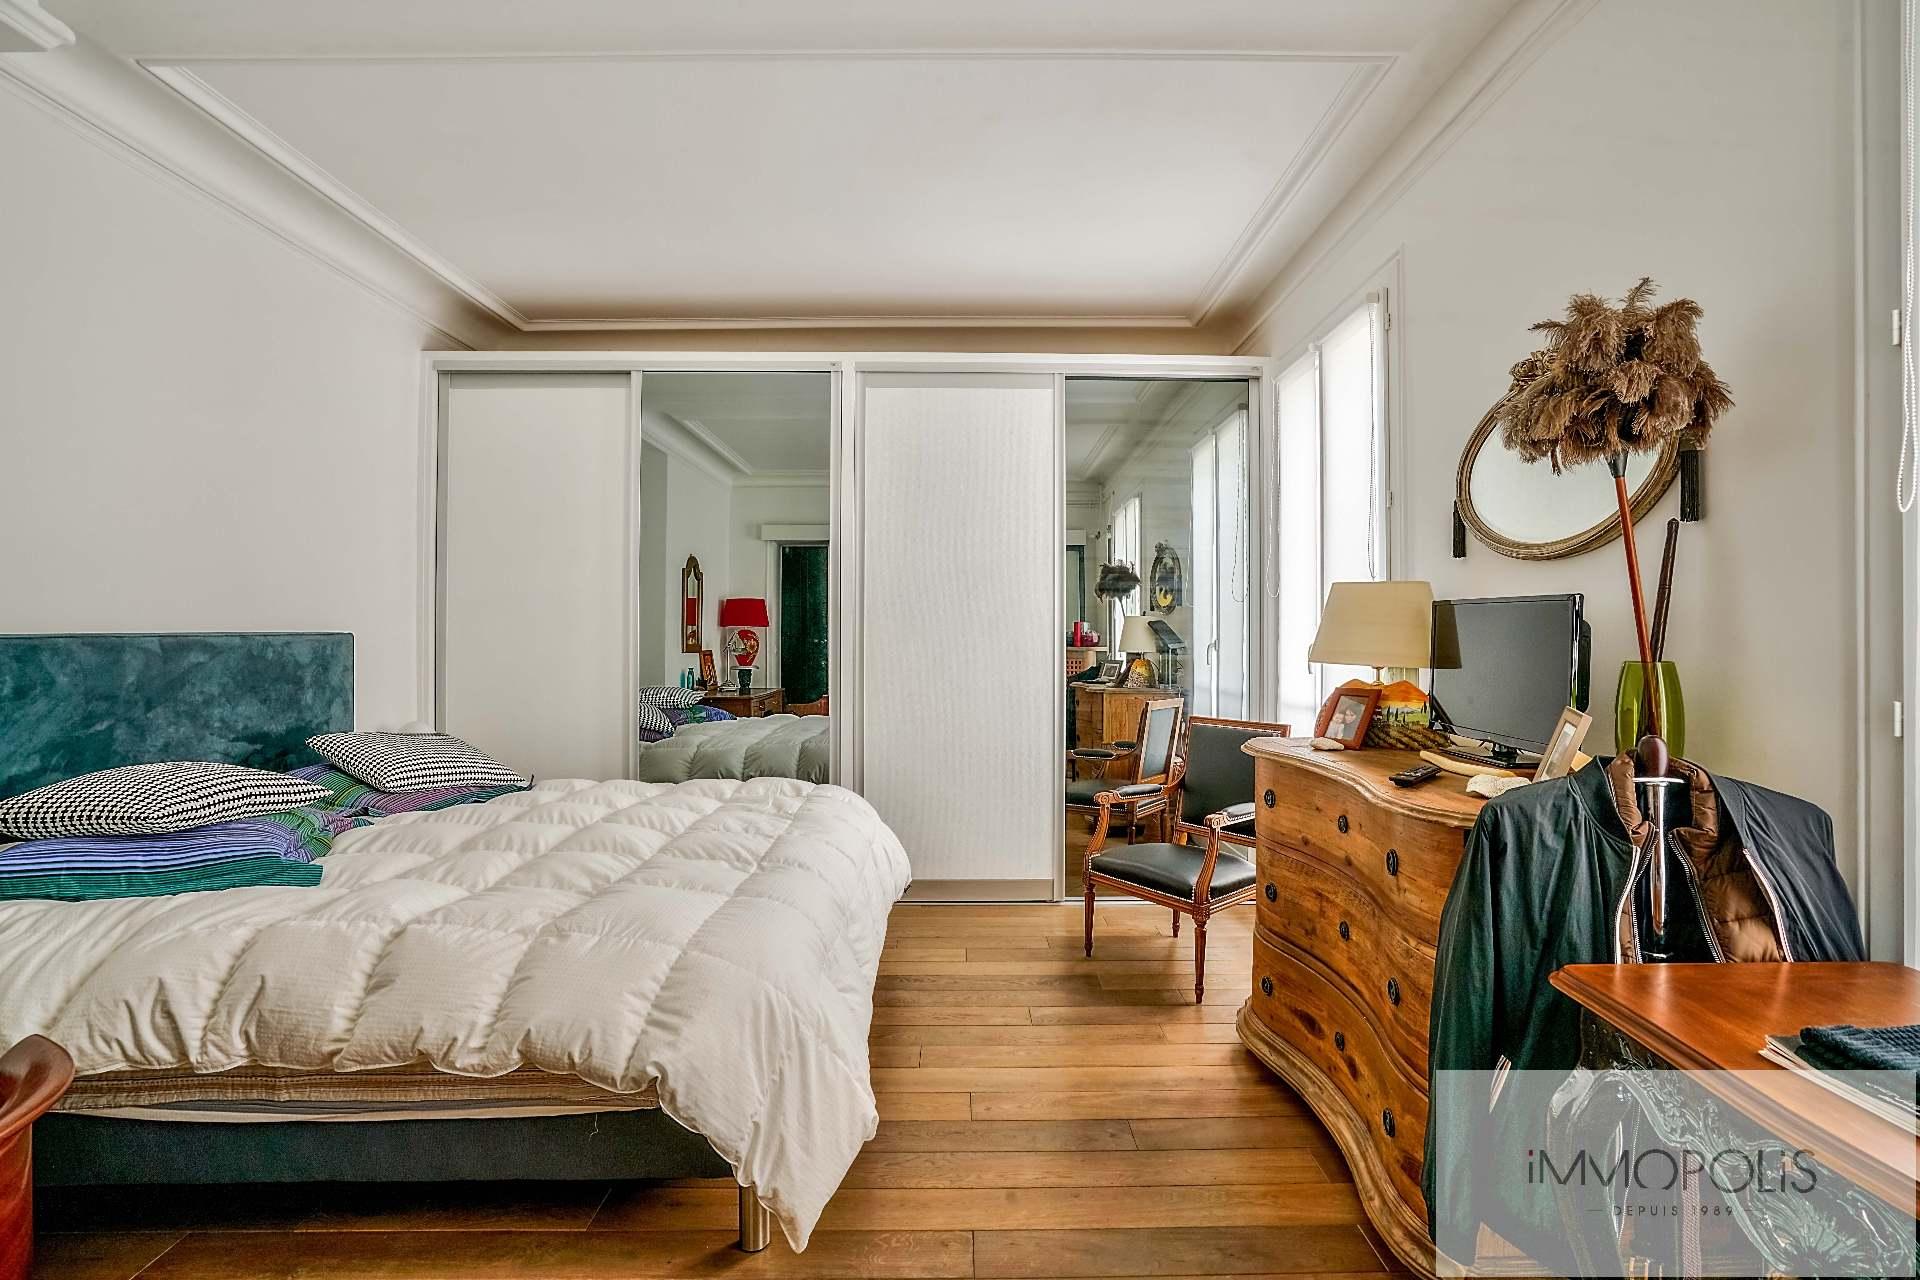 Superbe 3 pièces (1 chambre) à Montmartre, en 3e étage avec ascenseur : belles prestations ! 5